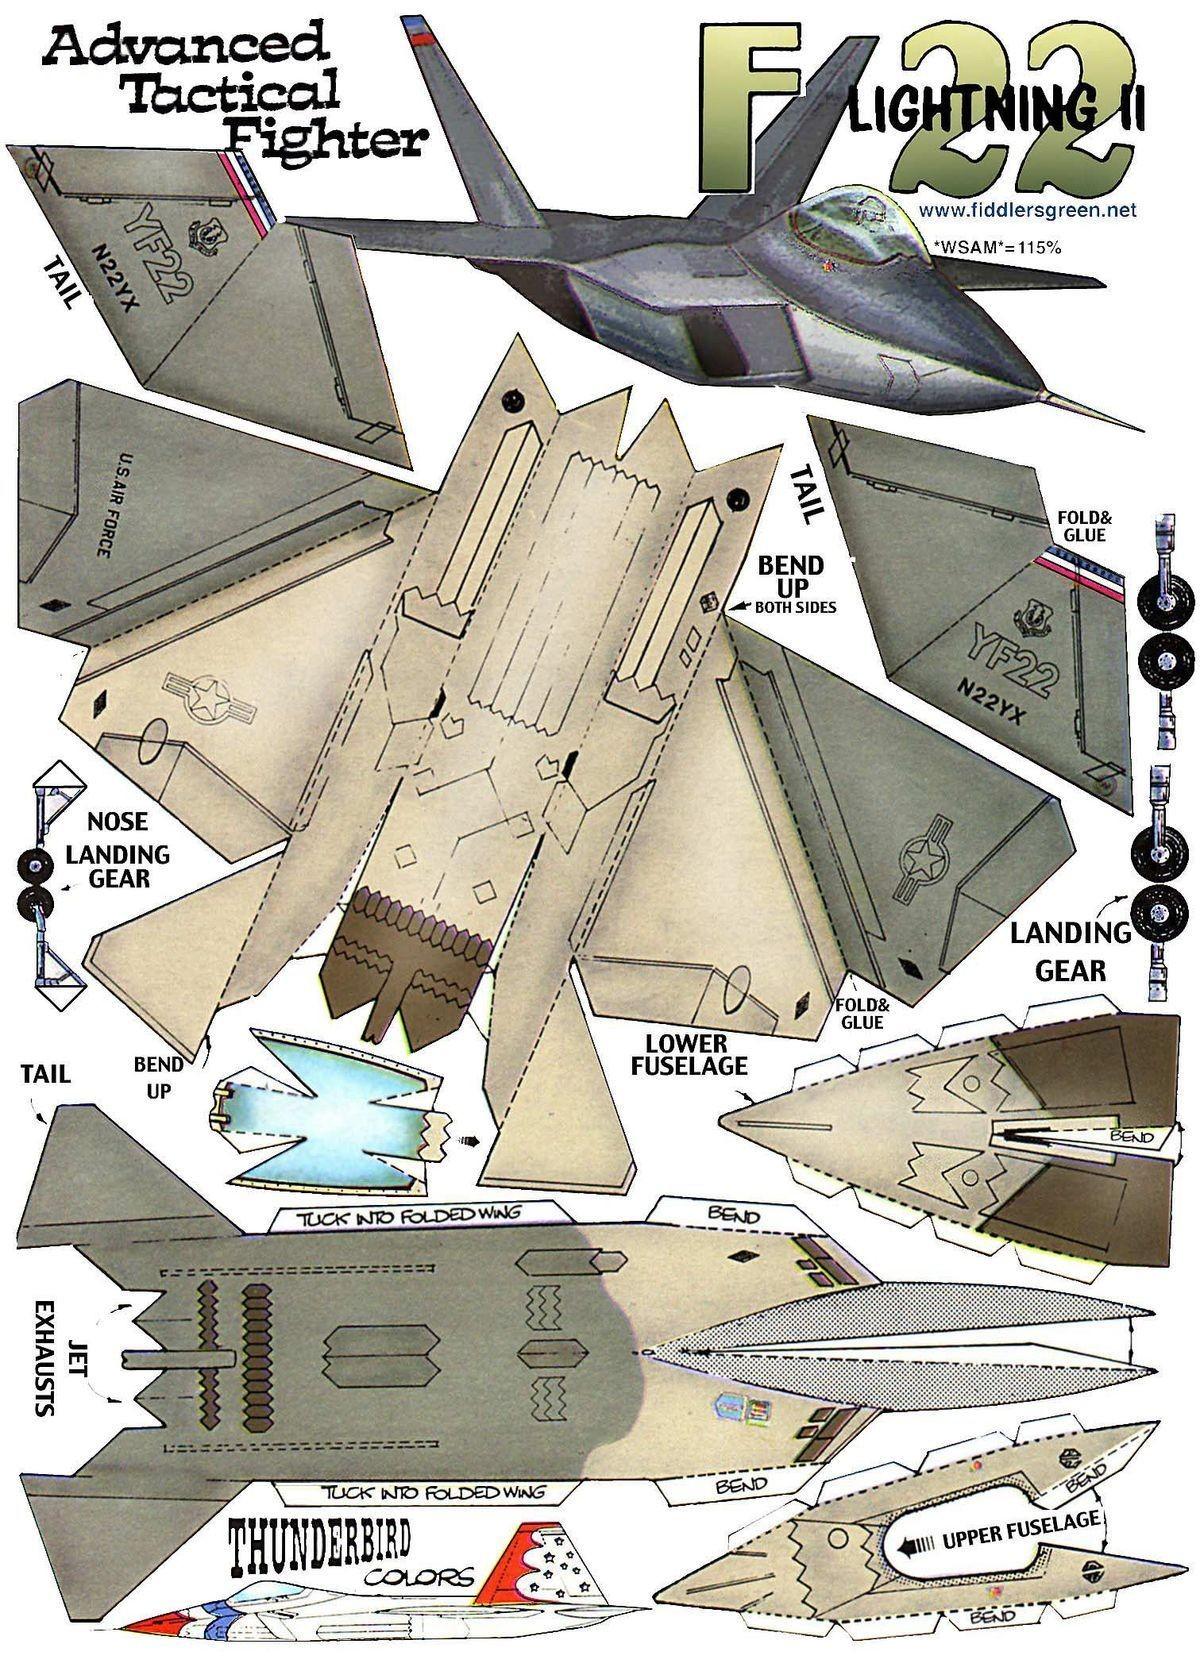 Papercraft Airplane Models 6f182ac D378aaebcb9a A0 1 200—1 667 Pixels